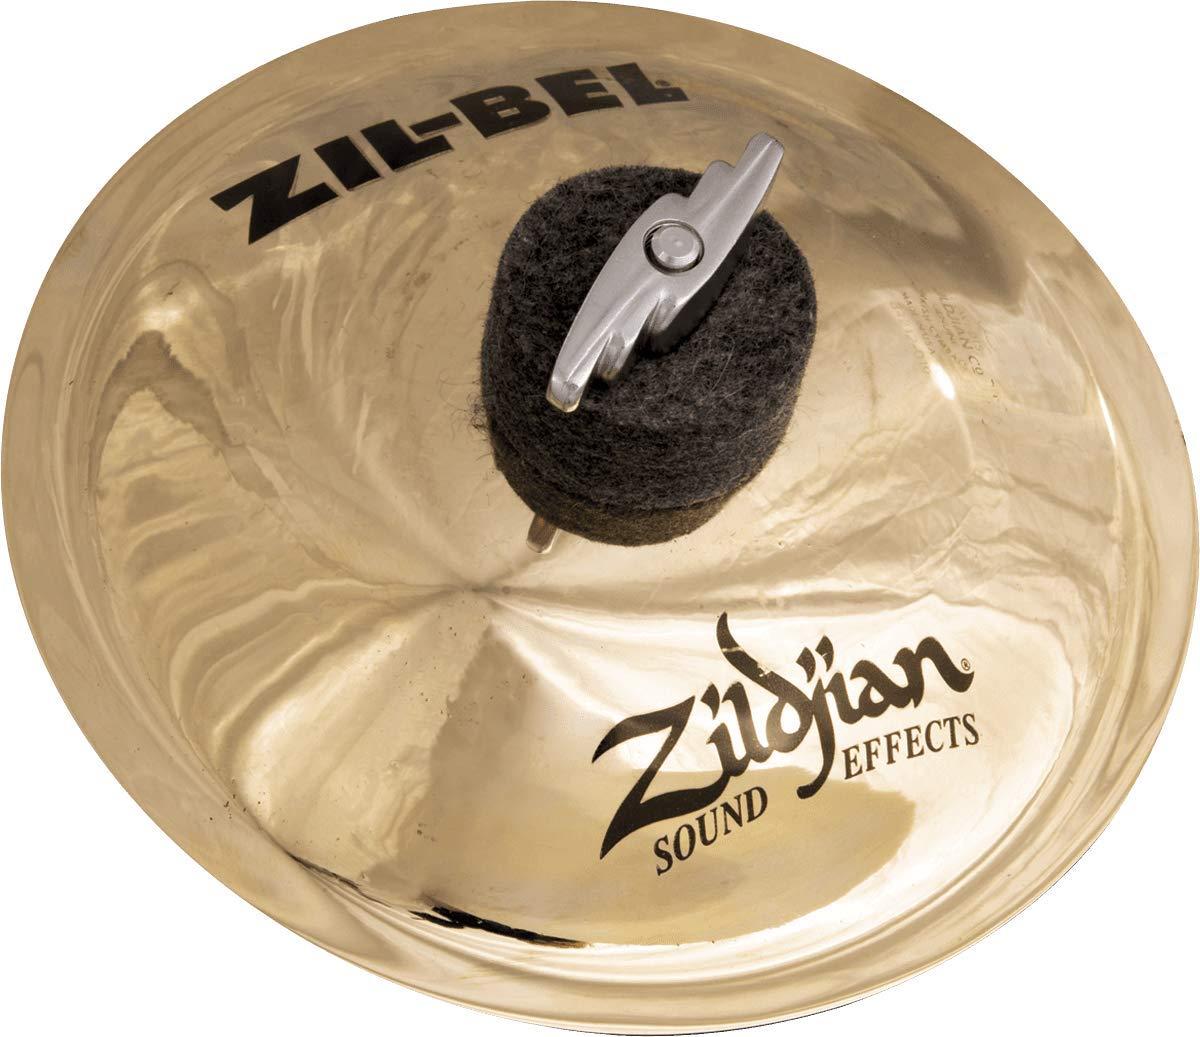 Zildjian A Series 6'' Small Zil-Bel by Avedis Zildjian Company